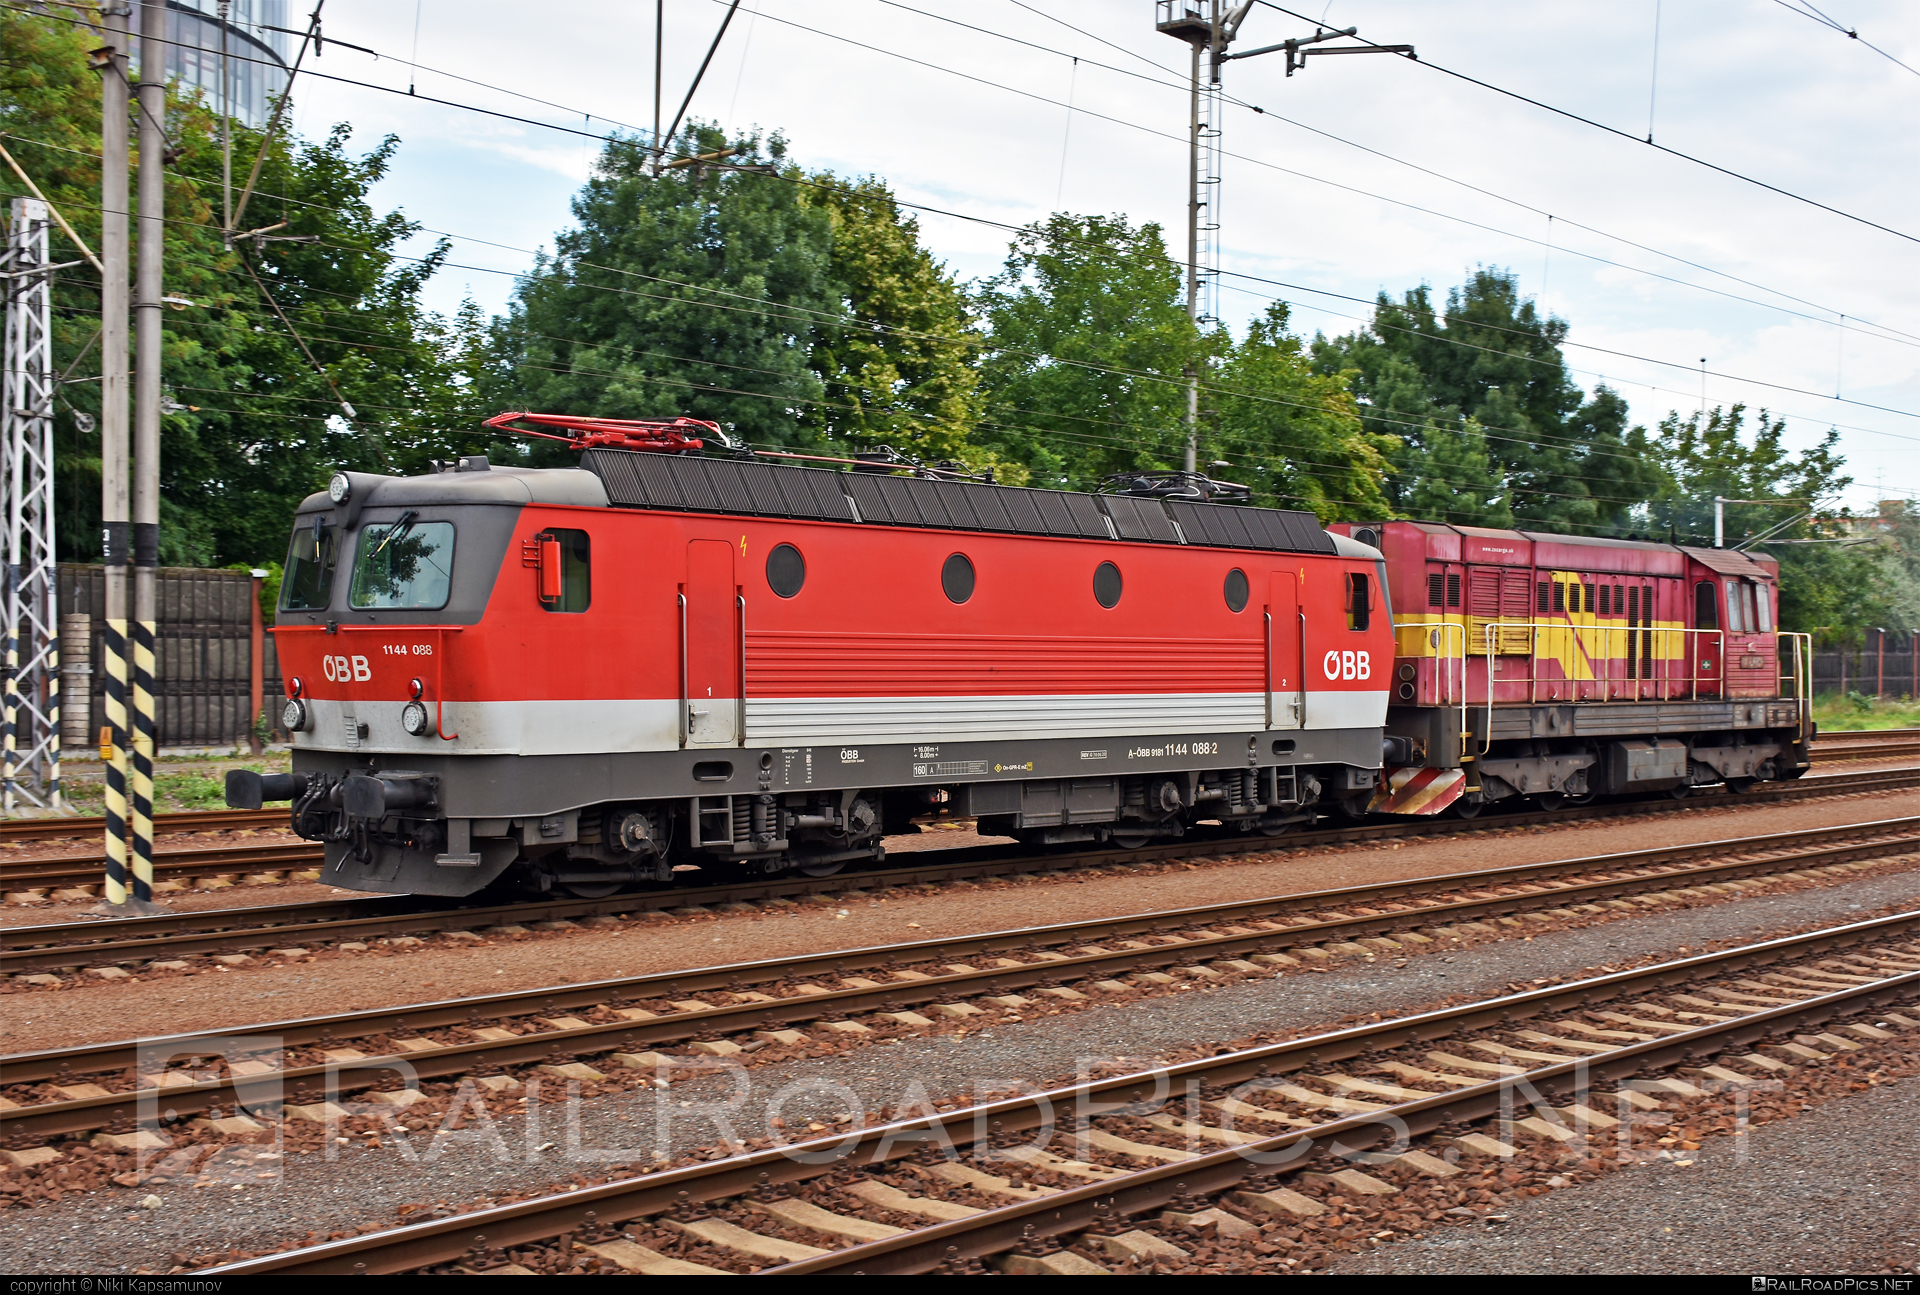 SGP ÖBB Class 1144 - 1144 088 operated by Rail Cargo Austria AG #obb #obbclass1144 #osterreichischebundesbahnen #rcw #sgp #sgp1144 #simmeringgrazpauker